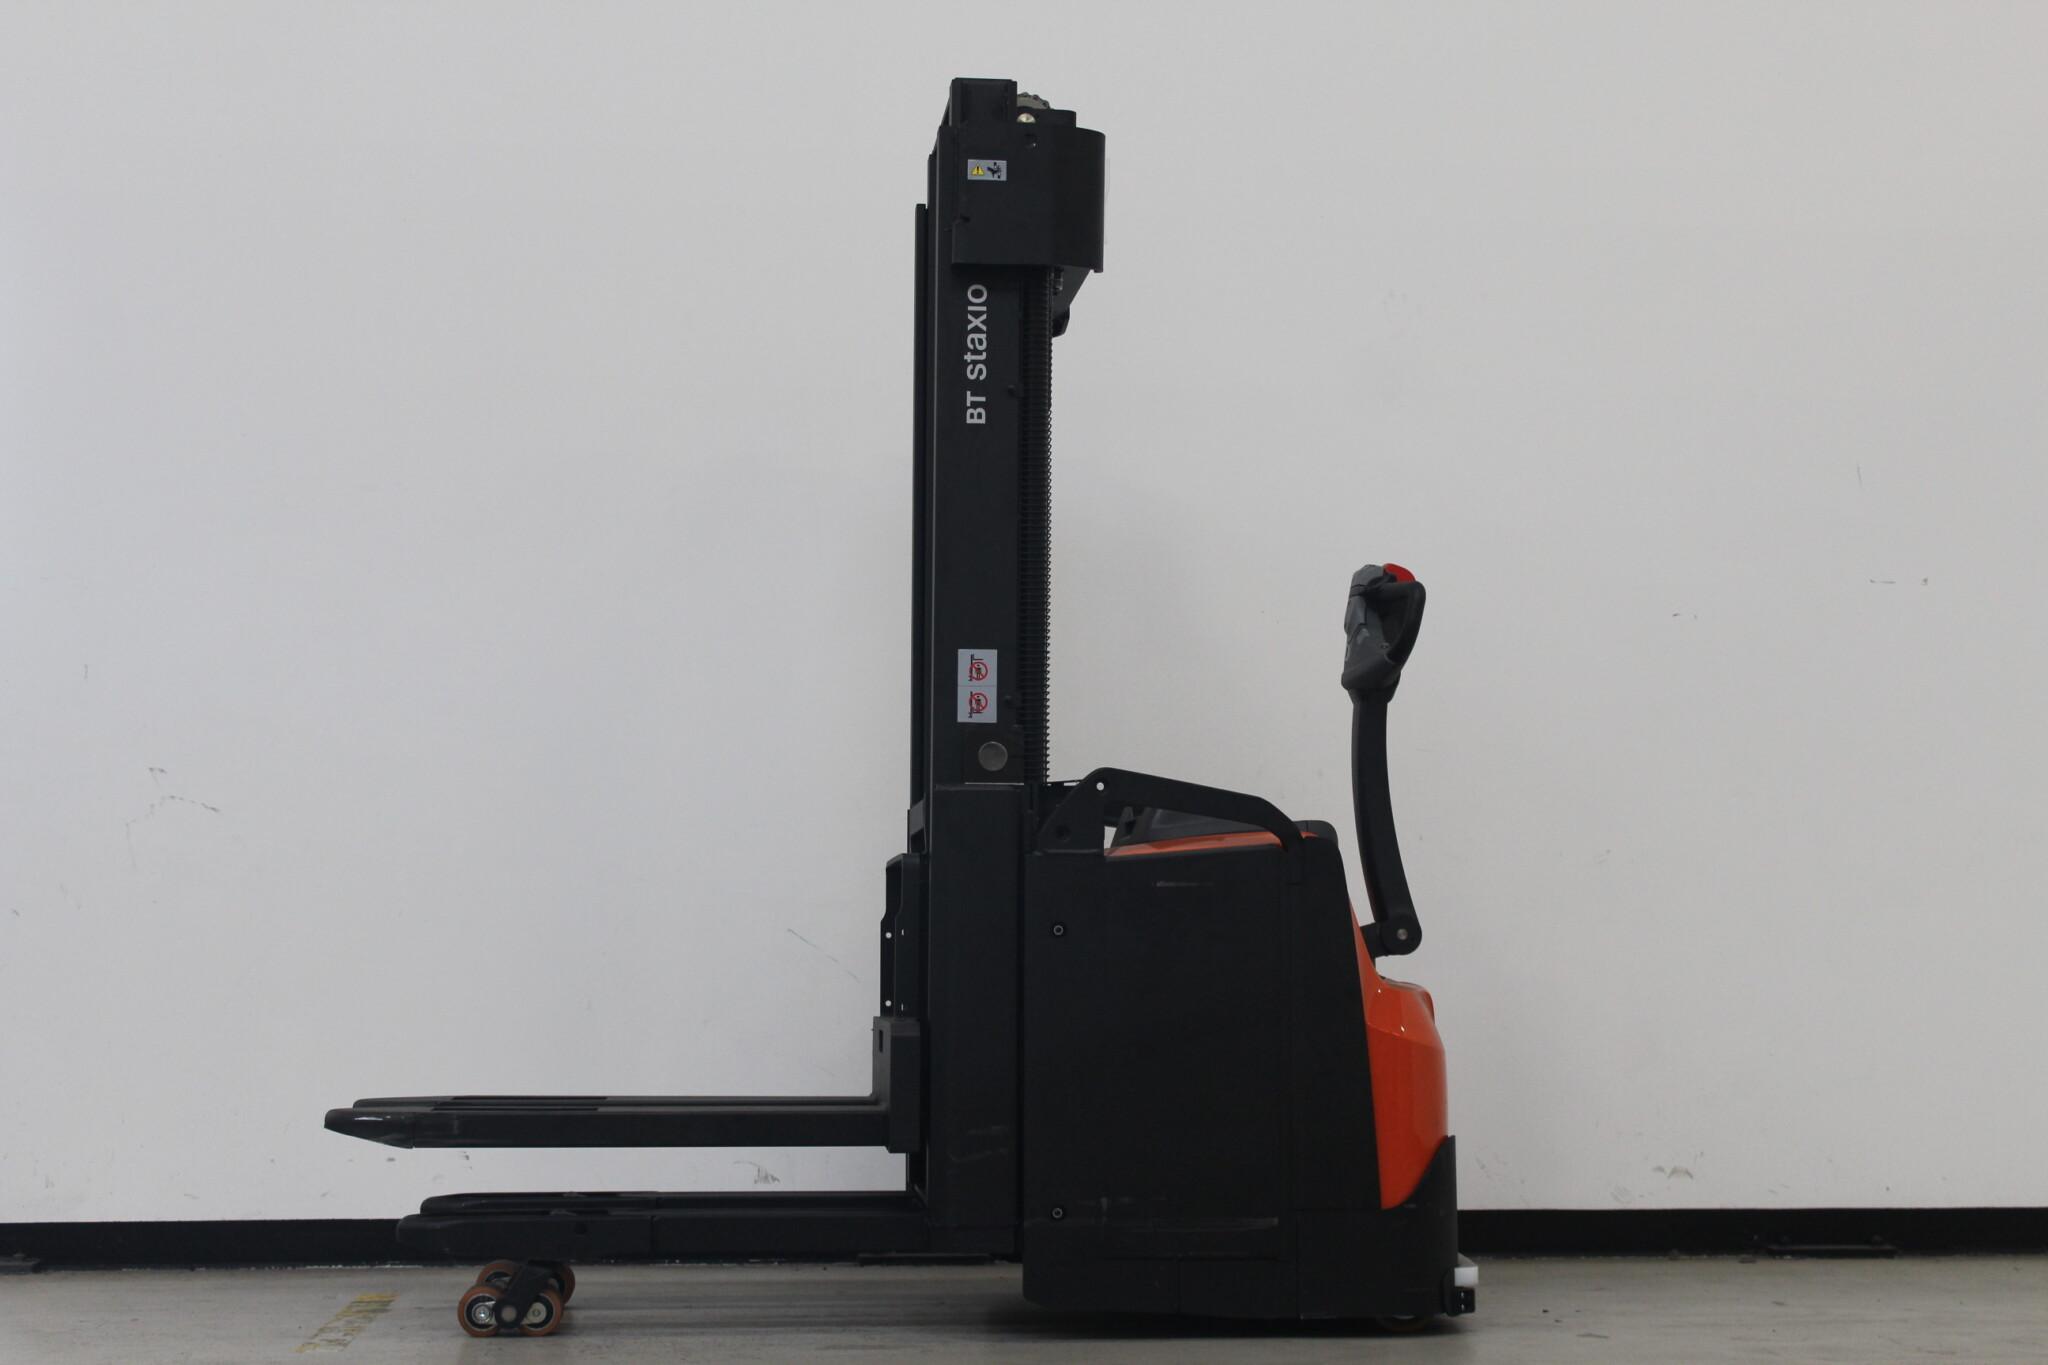 Toyota-Gabelstapler-59840 1906012049 1 scaled